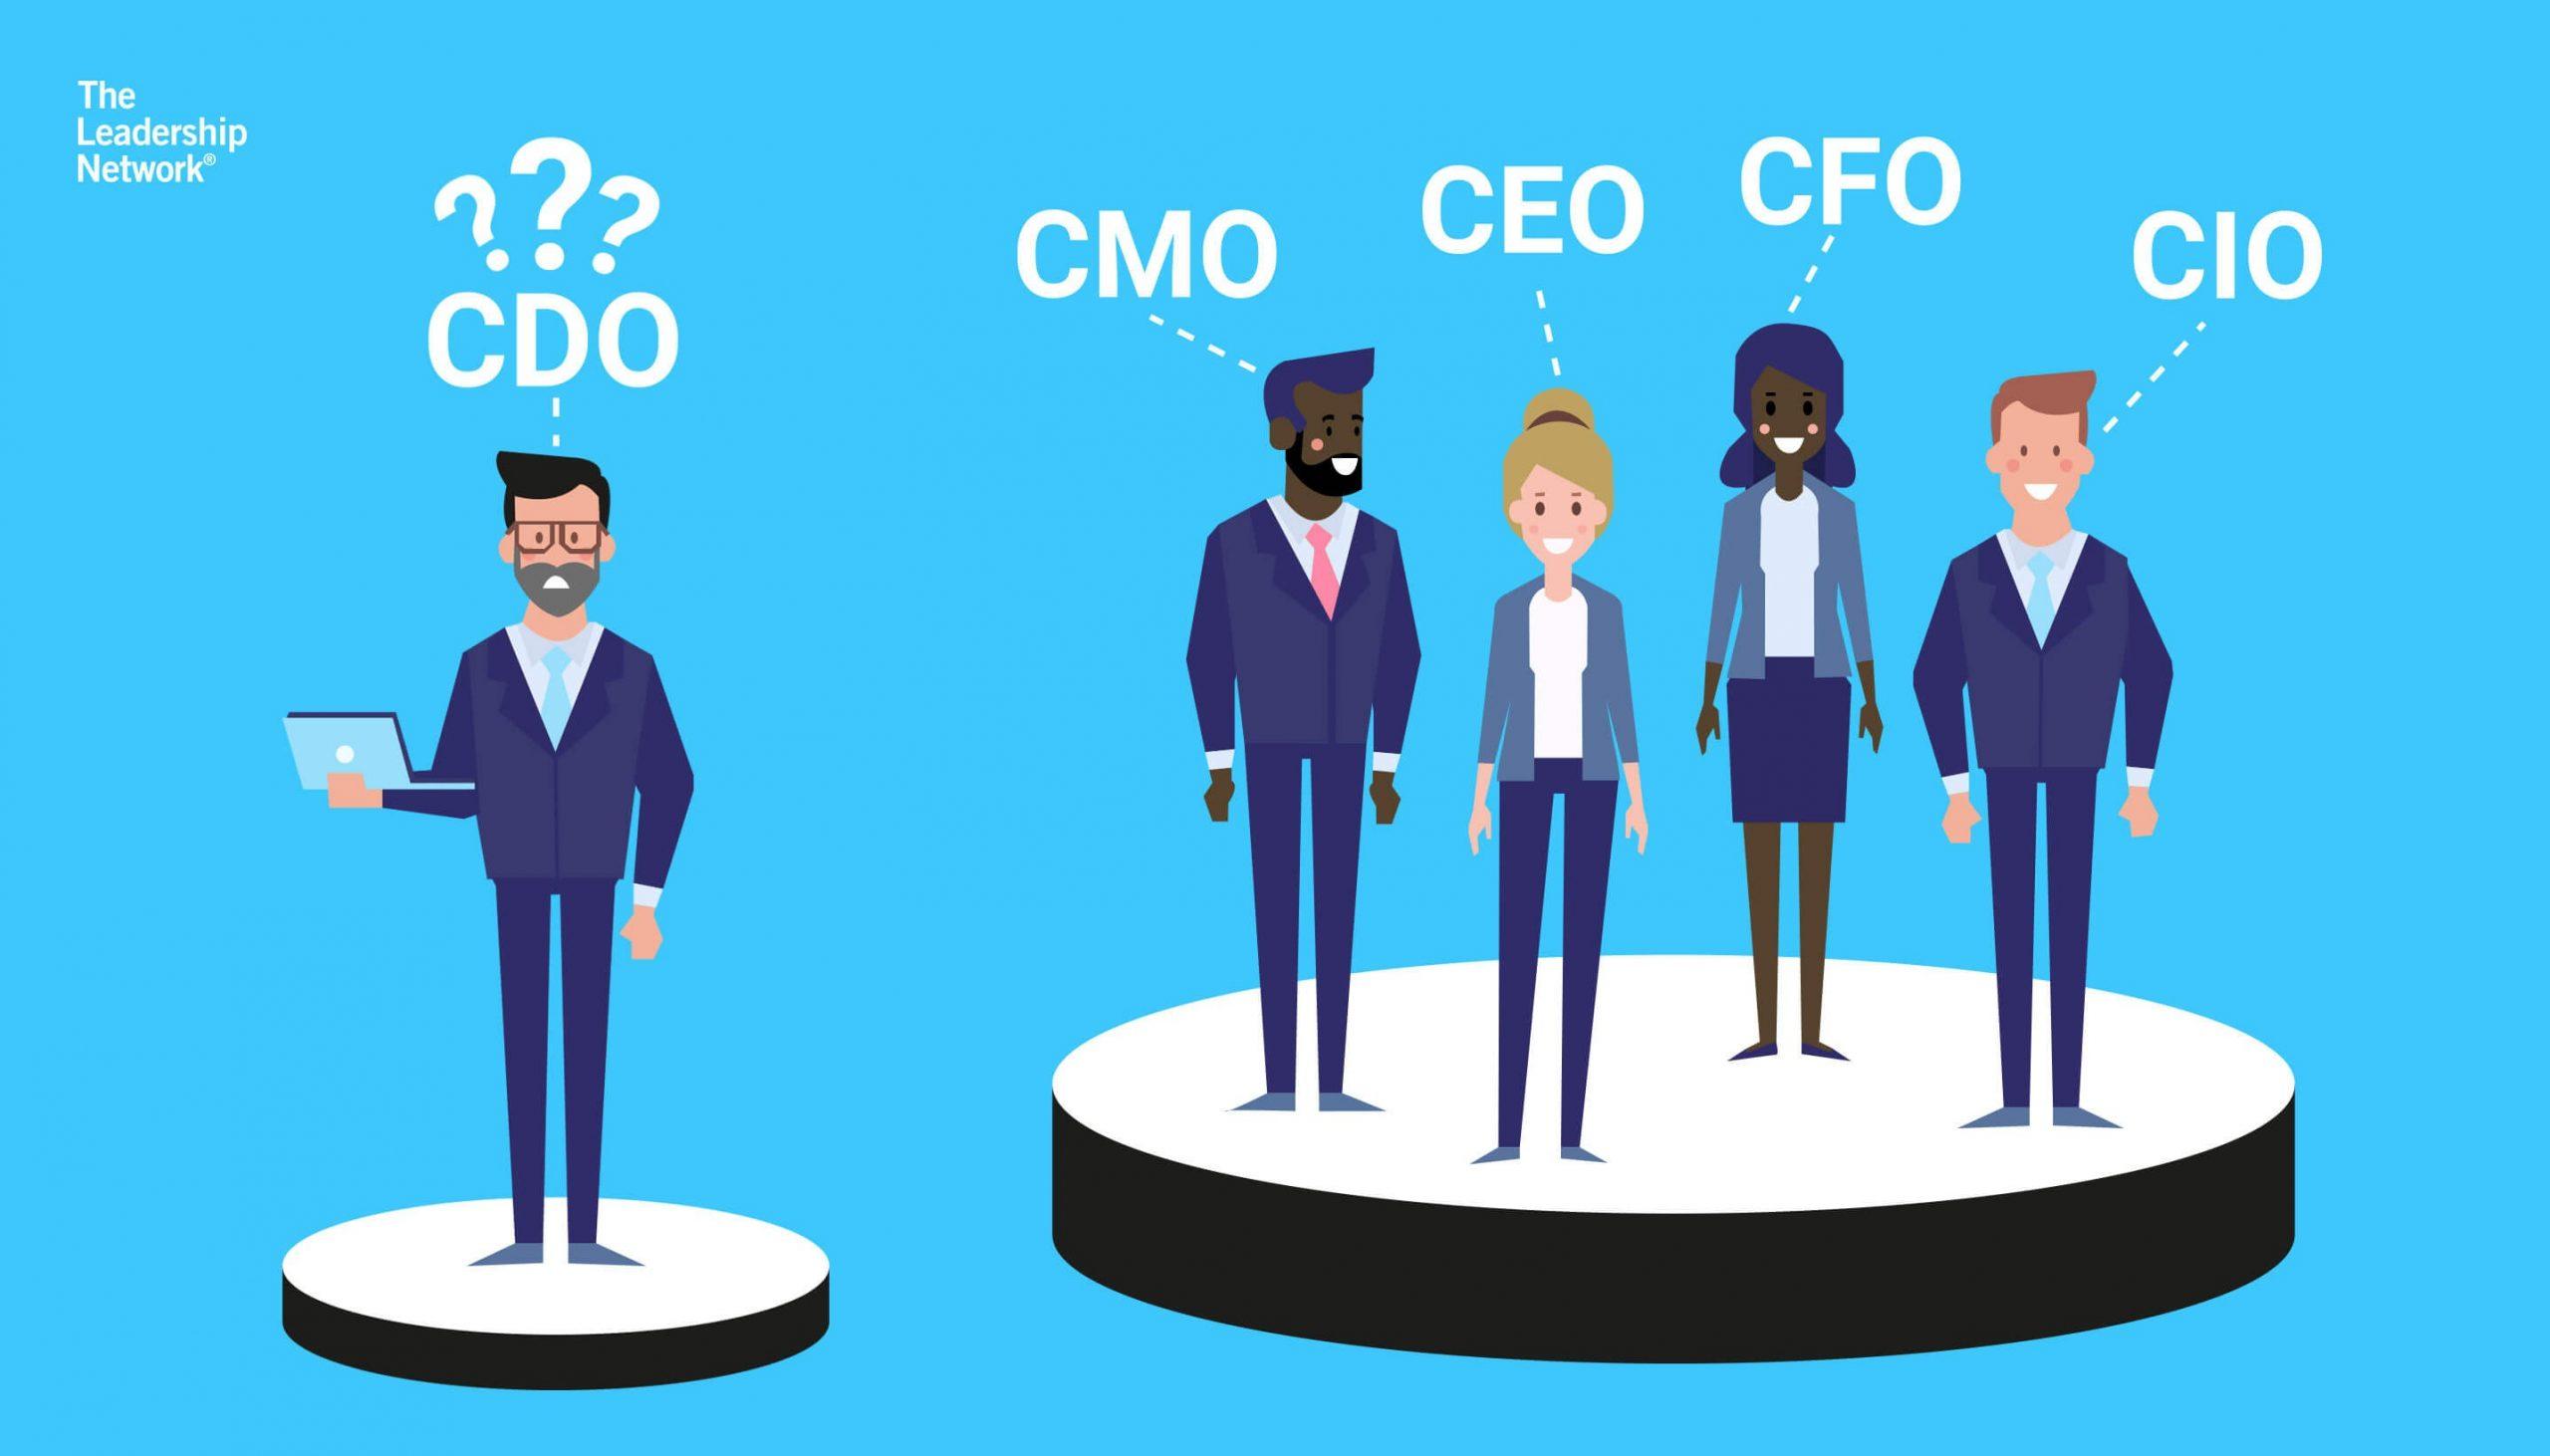 Không có kiến thức chuyên ngành có thể trở thành lãnh đạo giỏi được không?  – lãnh đạo và chuyển đổi số